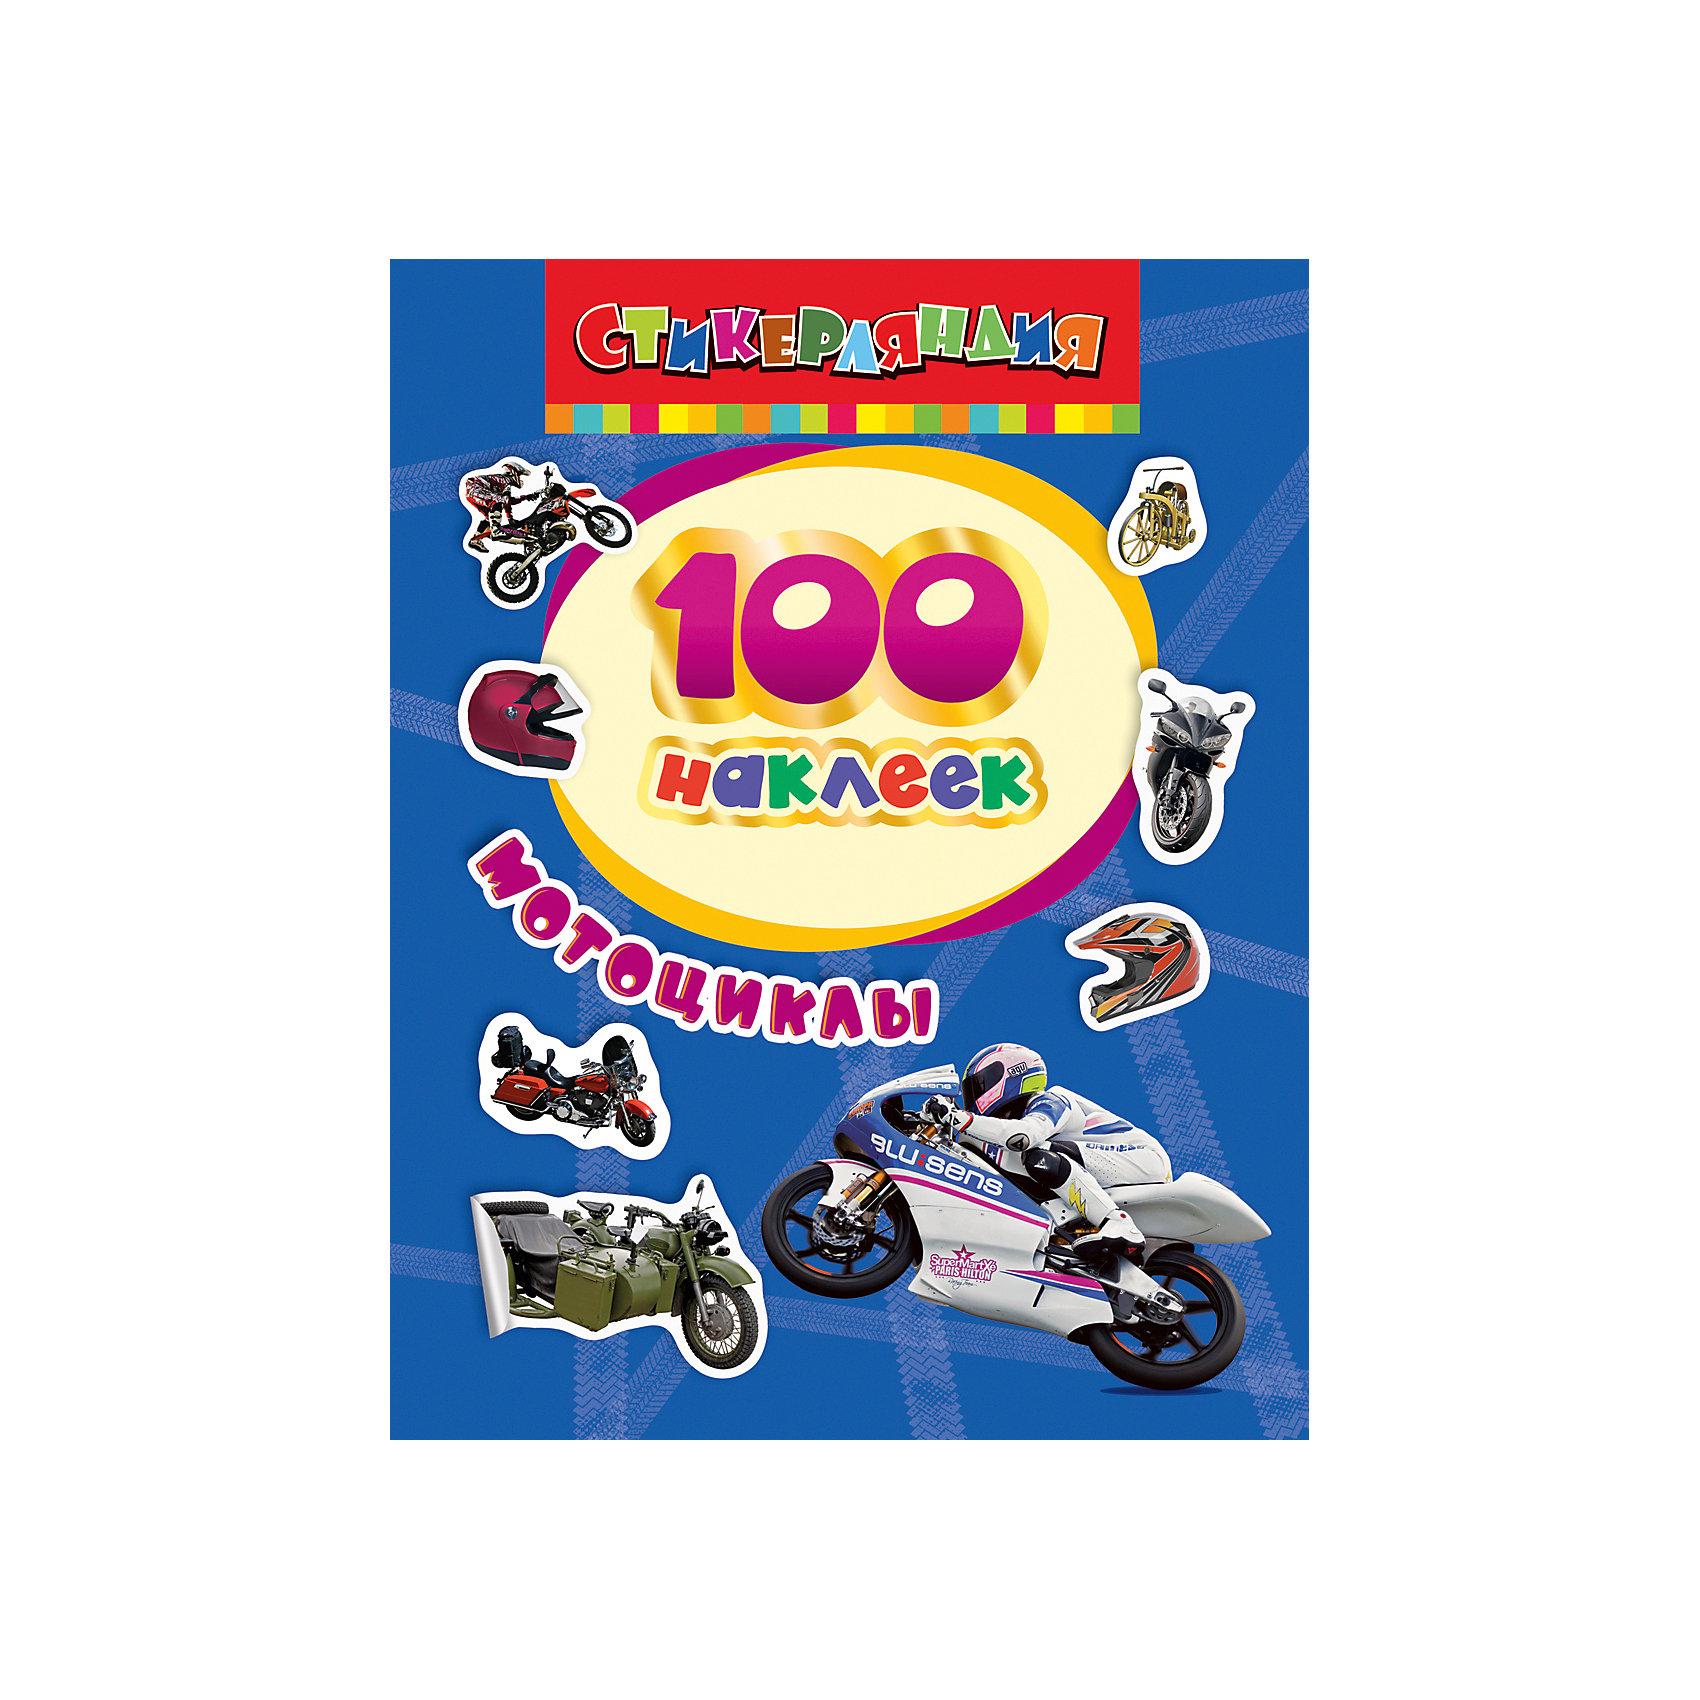 100 наклеек. МотоциклыРосмэн<br>Альбом 100 наклеек. Мотоциклы станет приятным сюрпризом для Вашего ребенка. В альбоме содержится 100 тематических наклеек с красочными изображениями мотоциклов различных типов и марок. Наклейки прекрасно подойдут для украшения рисунков, открыток, различных предметов и игрушек.<br><br>Дополнительная информация:<br><br>- Обложка: мягкая.<br>- Иллюстрации: цветные.<br>- Объем: 8 стр.<br>- Размер: 20 х 15 х 0,2 см.<br>- Вес: 36 гр.<br><br>100 наклеек. Мотоциклы, Росмэн, можно купить в нашем интернет-магазине.<br><br>Ширина мм: 200<br>Глубина мм: 150<br>Высота мм: 2<br>Вес г: 36<br>Возраст от месяцев: 0<br>Возраст до месяцев: 72<br>Пол: Мужской<br>Возраст: Детский<br>SKU: 4408718